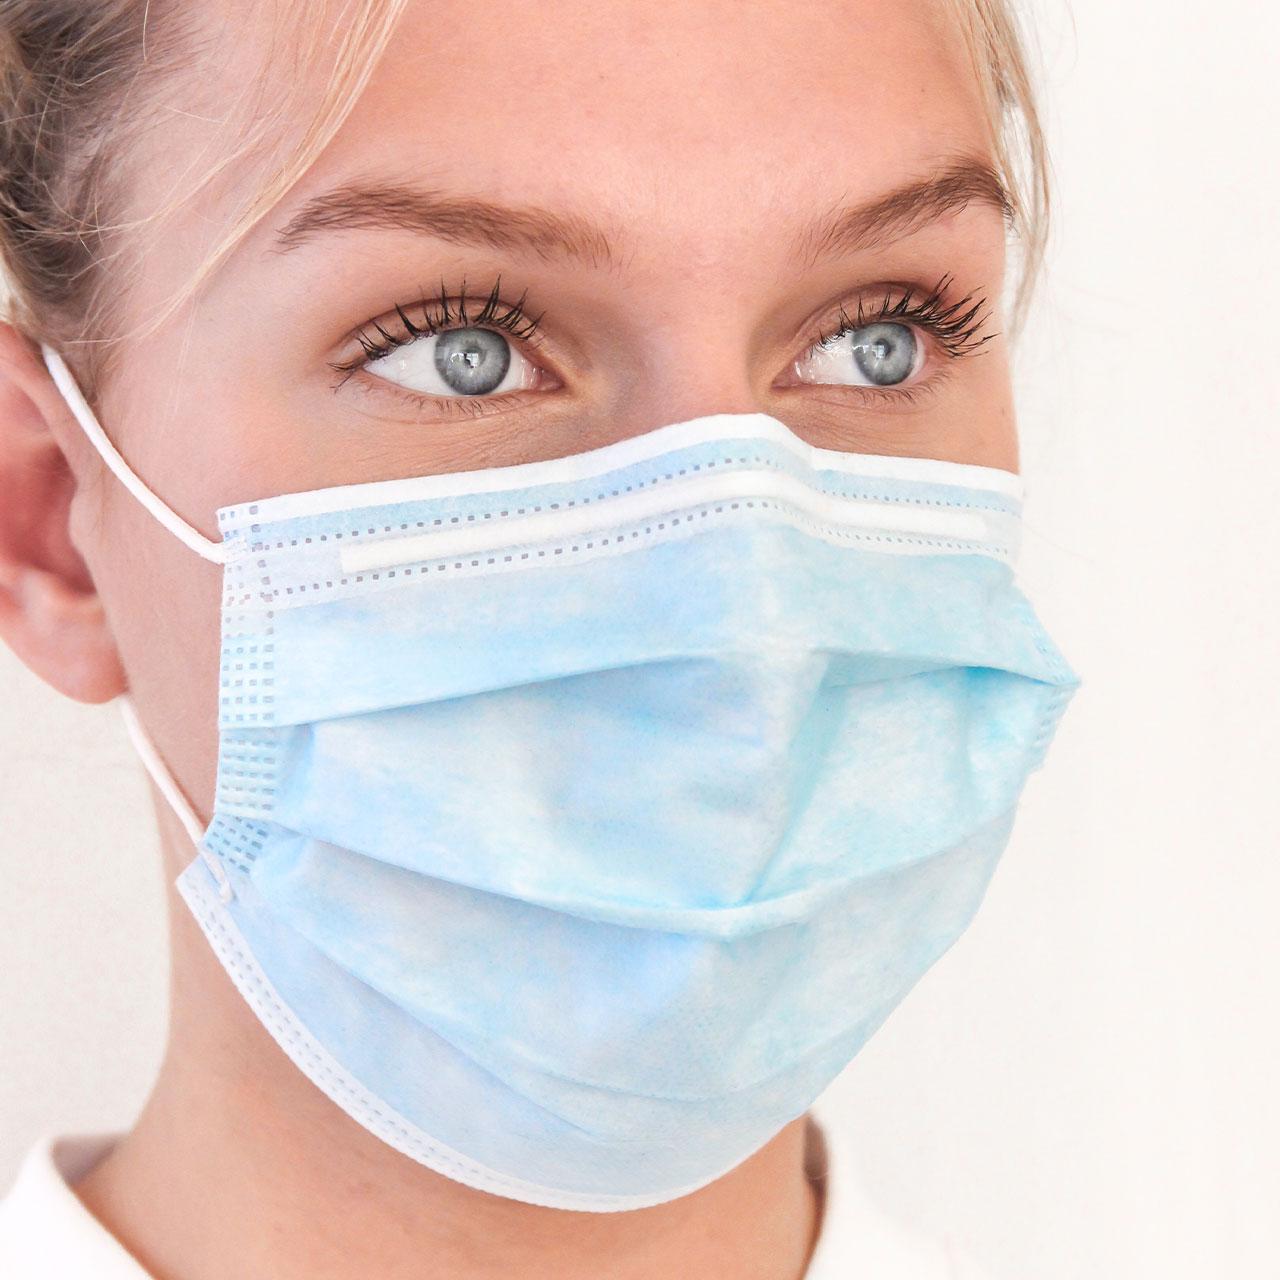 Mund-Nasen-Schutz für Gastronomie, Einweg 50er Box